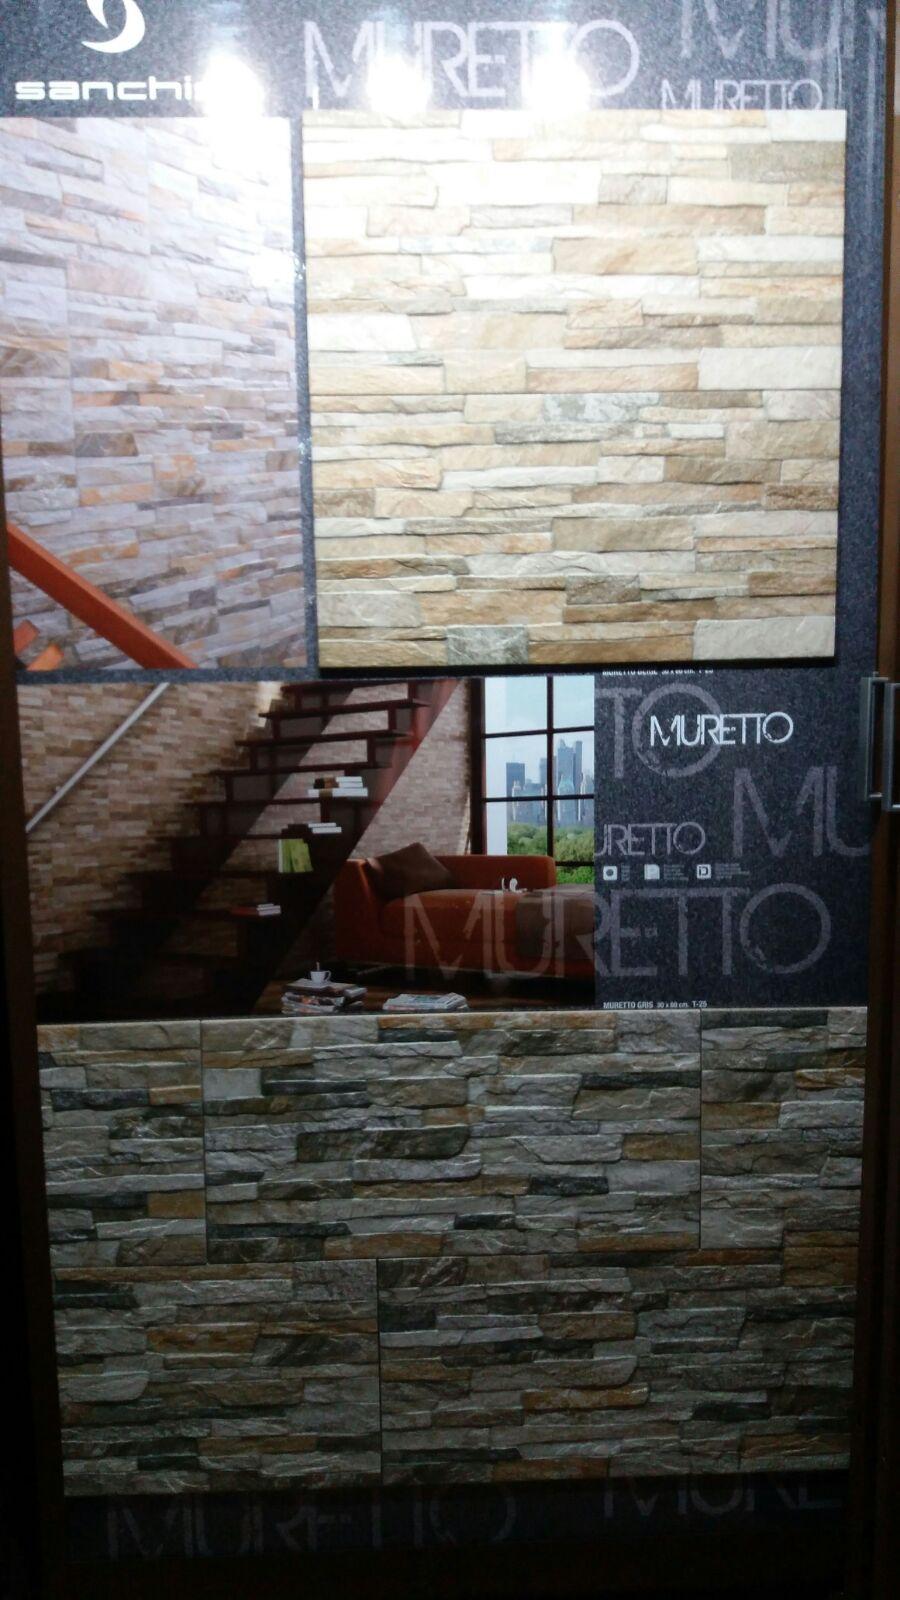 Zocalo polvero materiales sevilla polvero josele materiales de construcci n en sevilla - Materiales de construccion sevilla ...